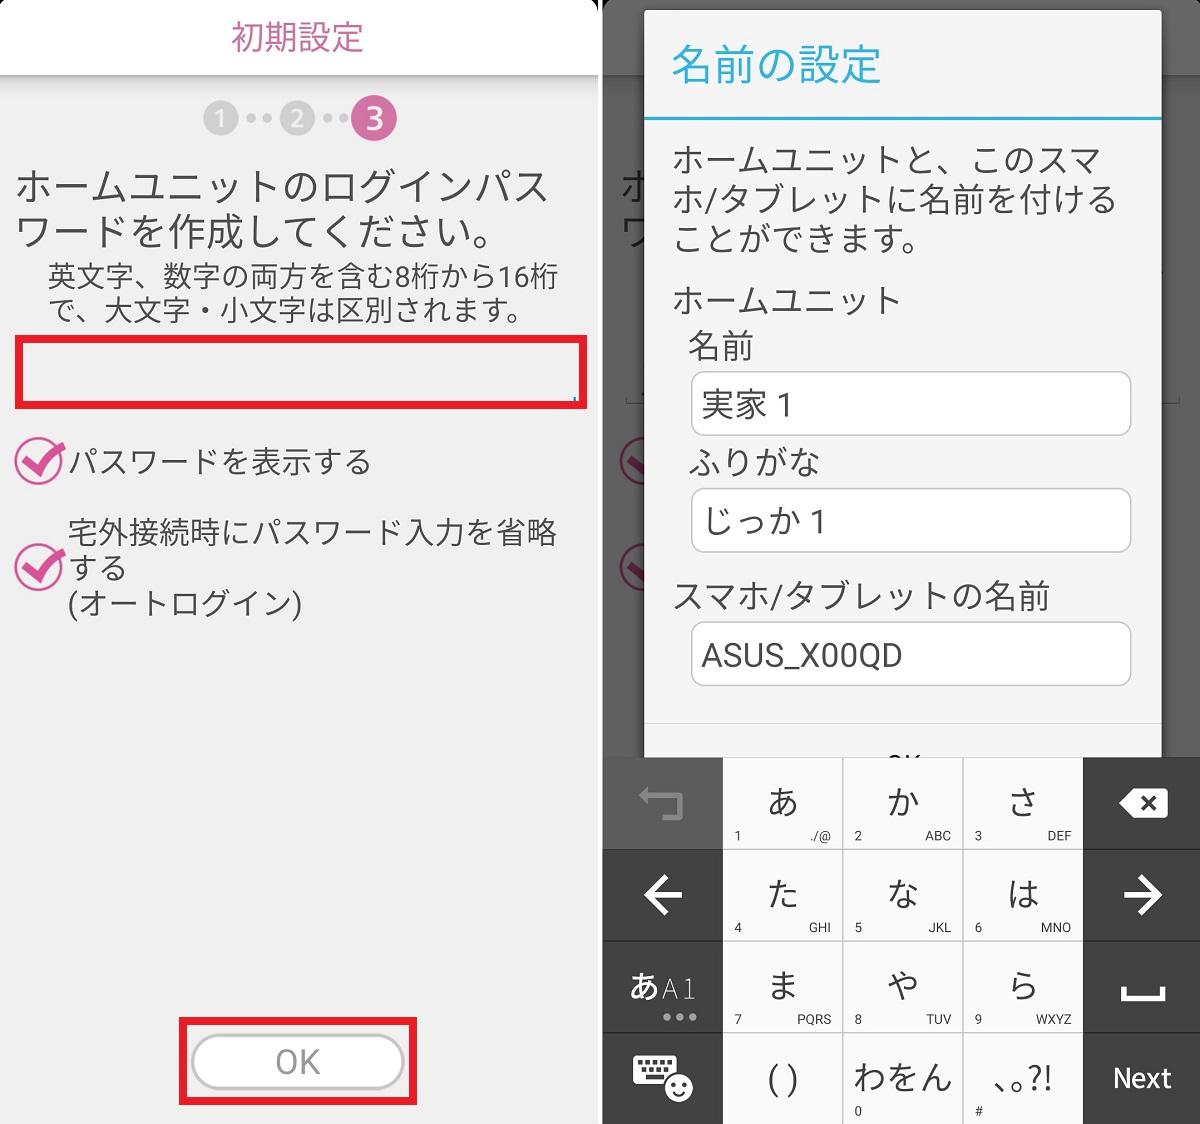 アプリのパスワードと名前の設定